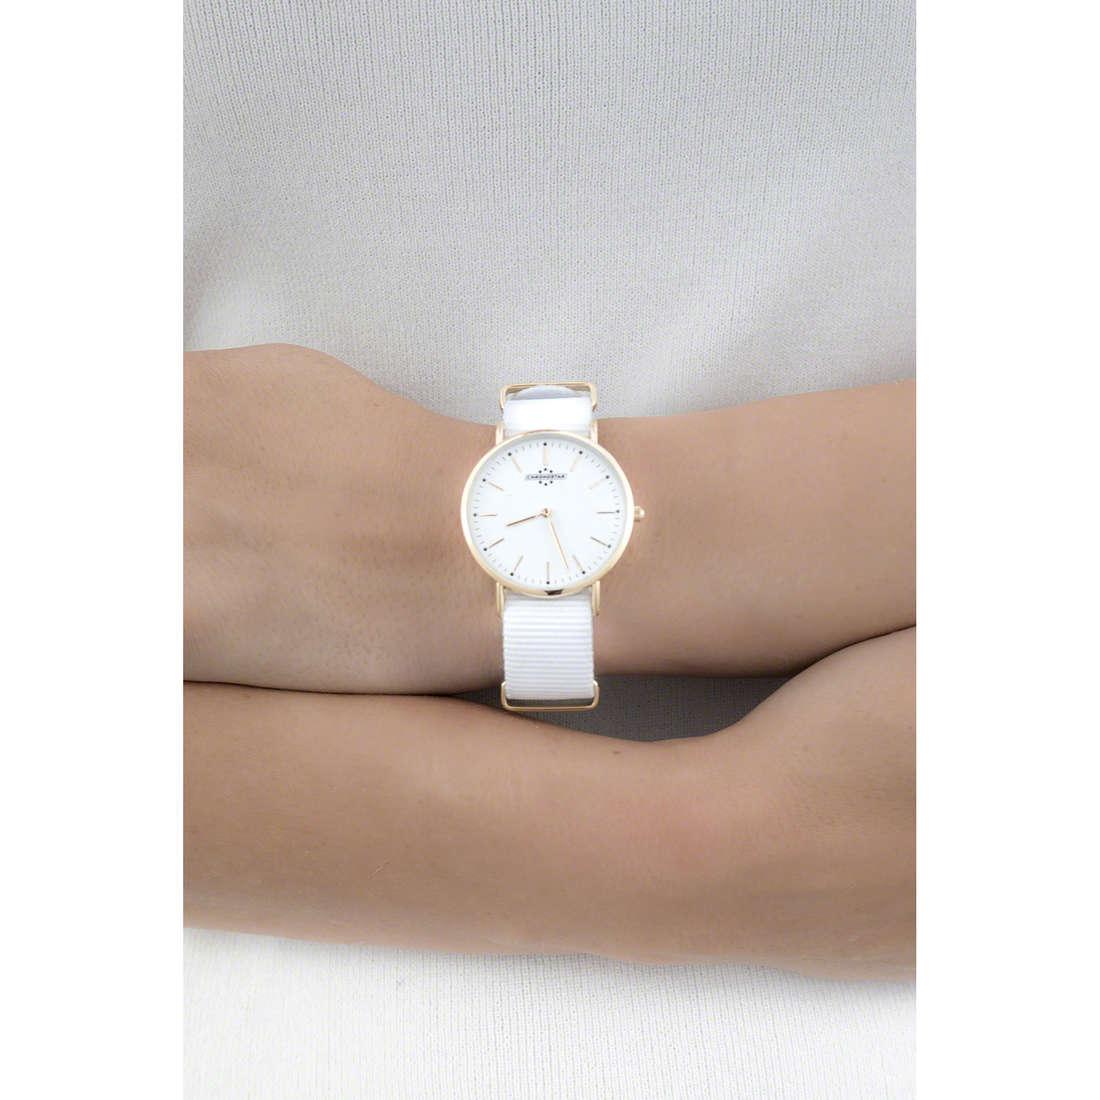 Chronostar seul le temps Preppy femme R3751252503 indosso